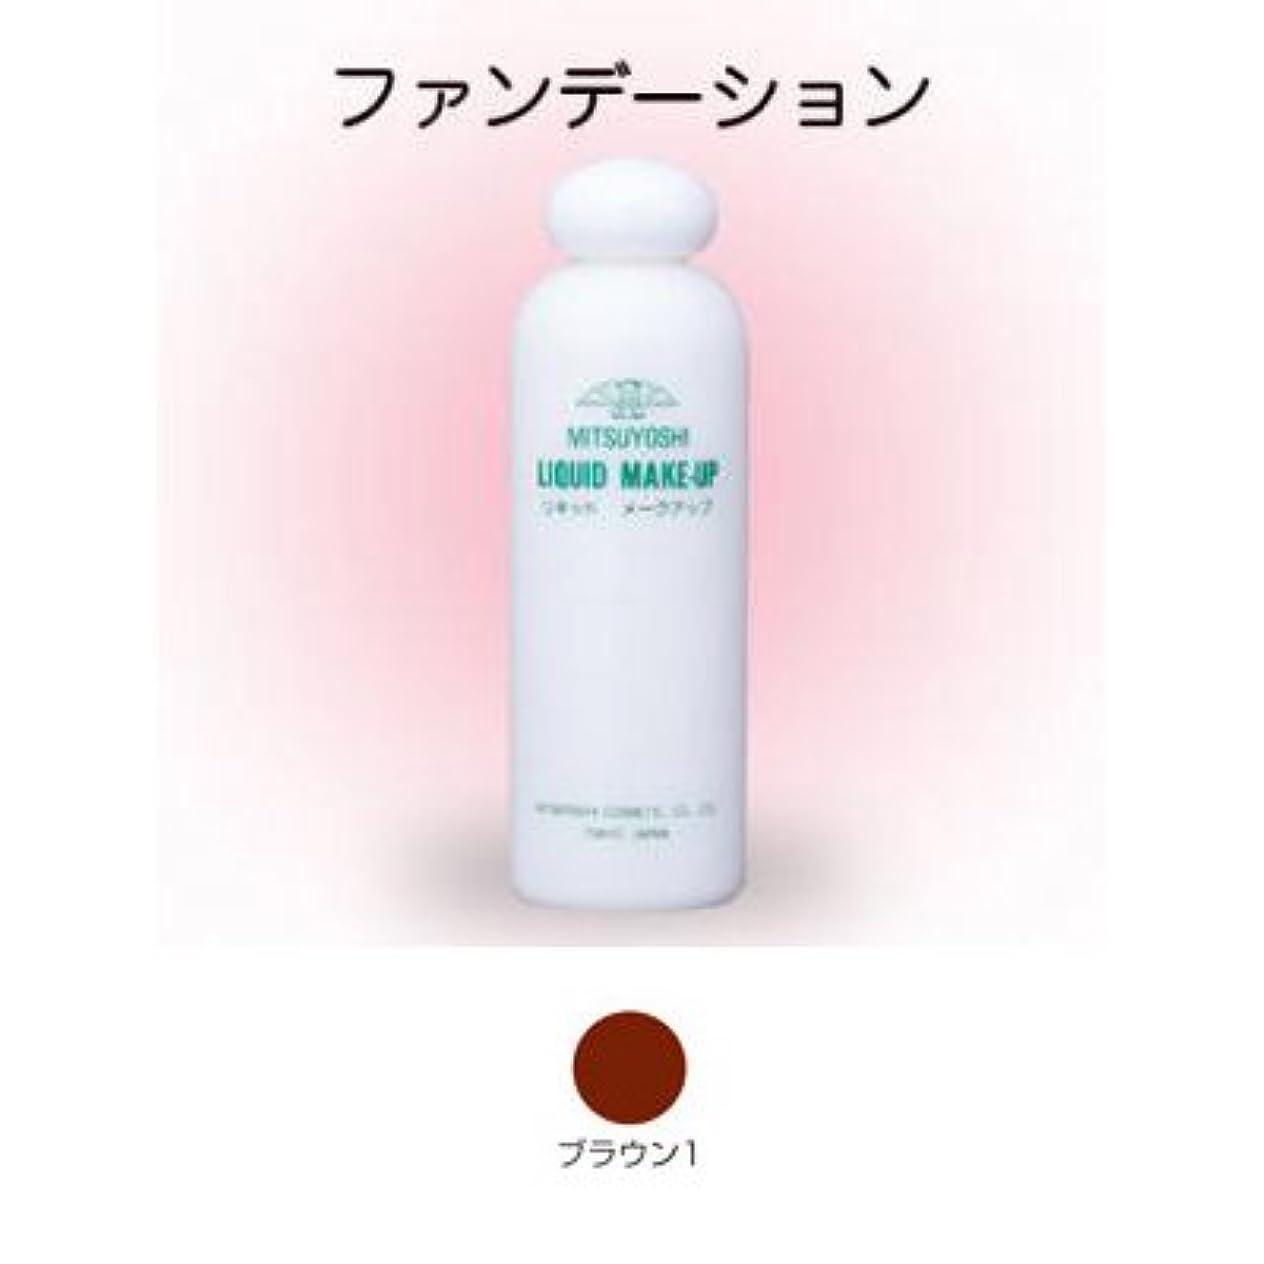 助けて純度電池三善 リキッドメークアップ 水おしろい コスプレメイク 舞台用化粧品 カラー:ブラウン1 #